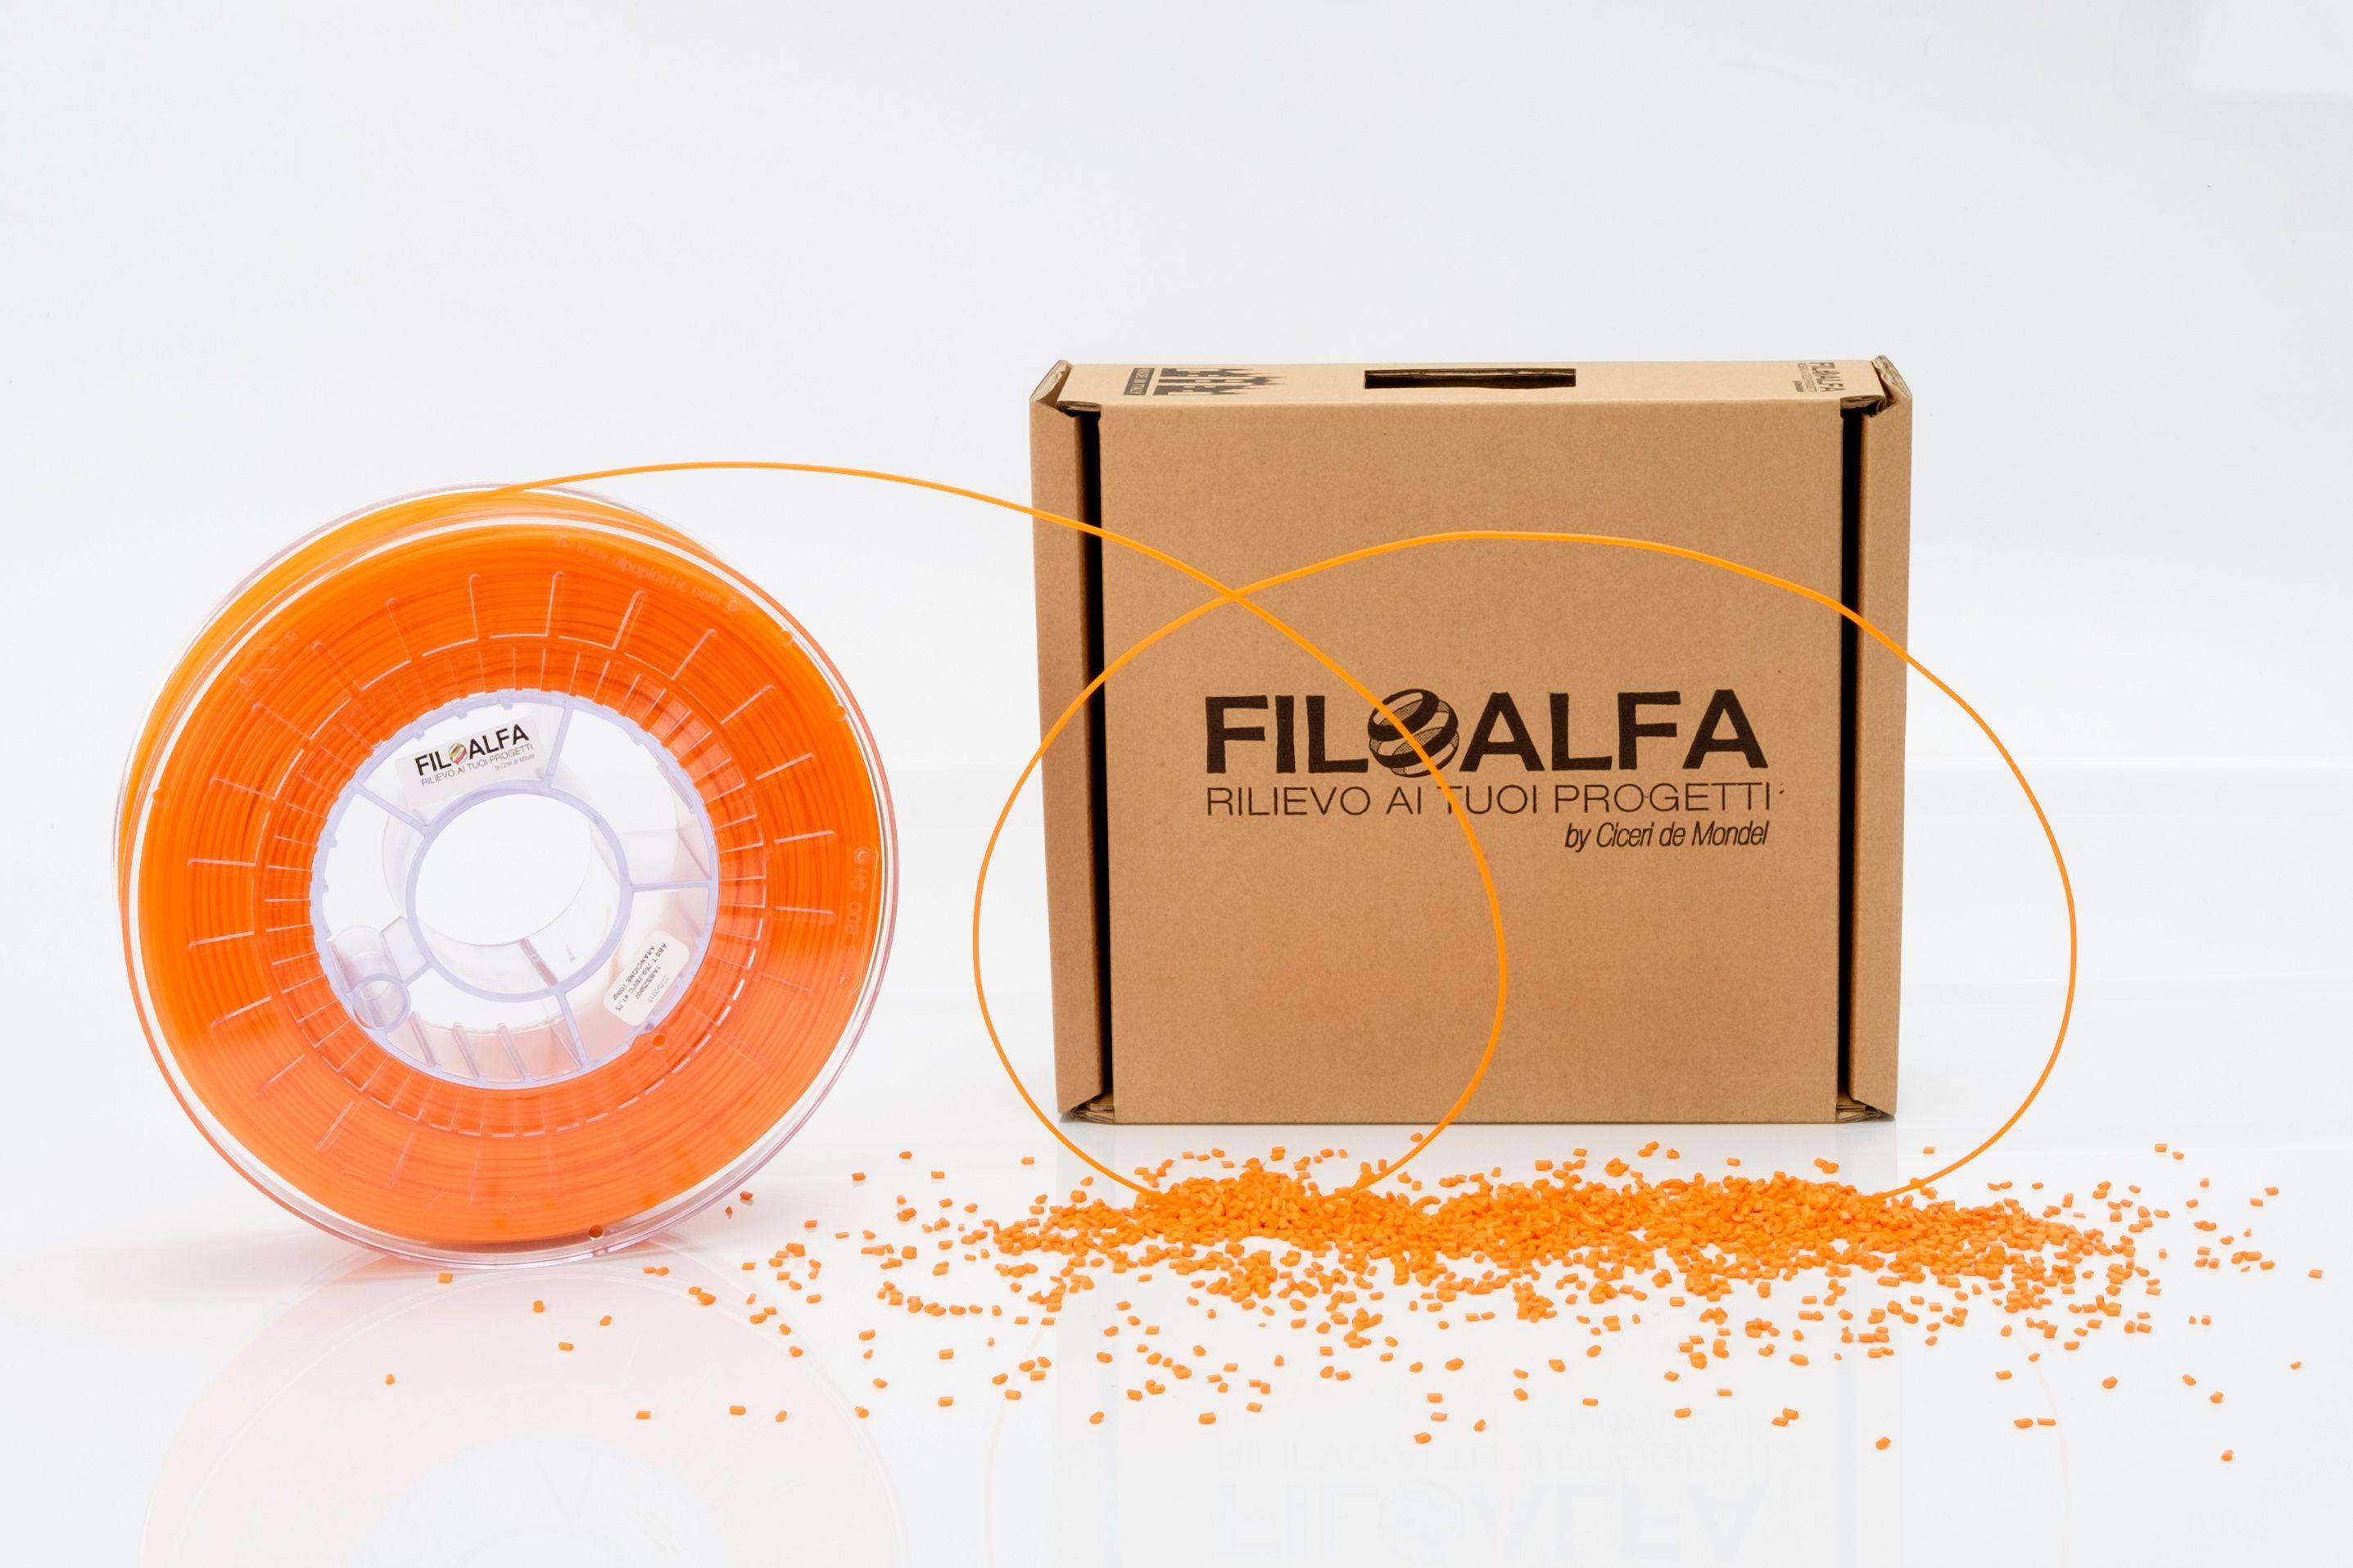 Pin su FILOALFA 3D printing materials